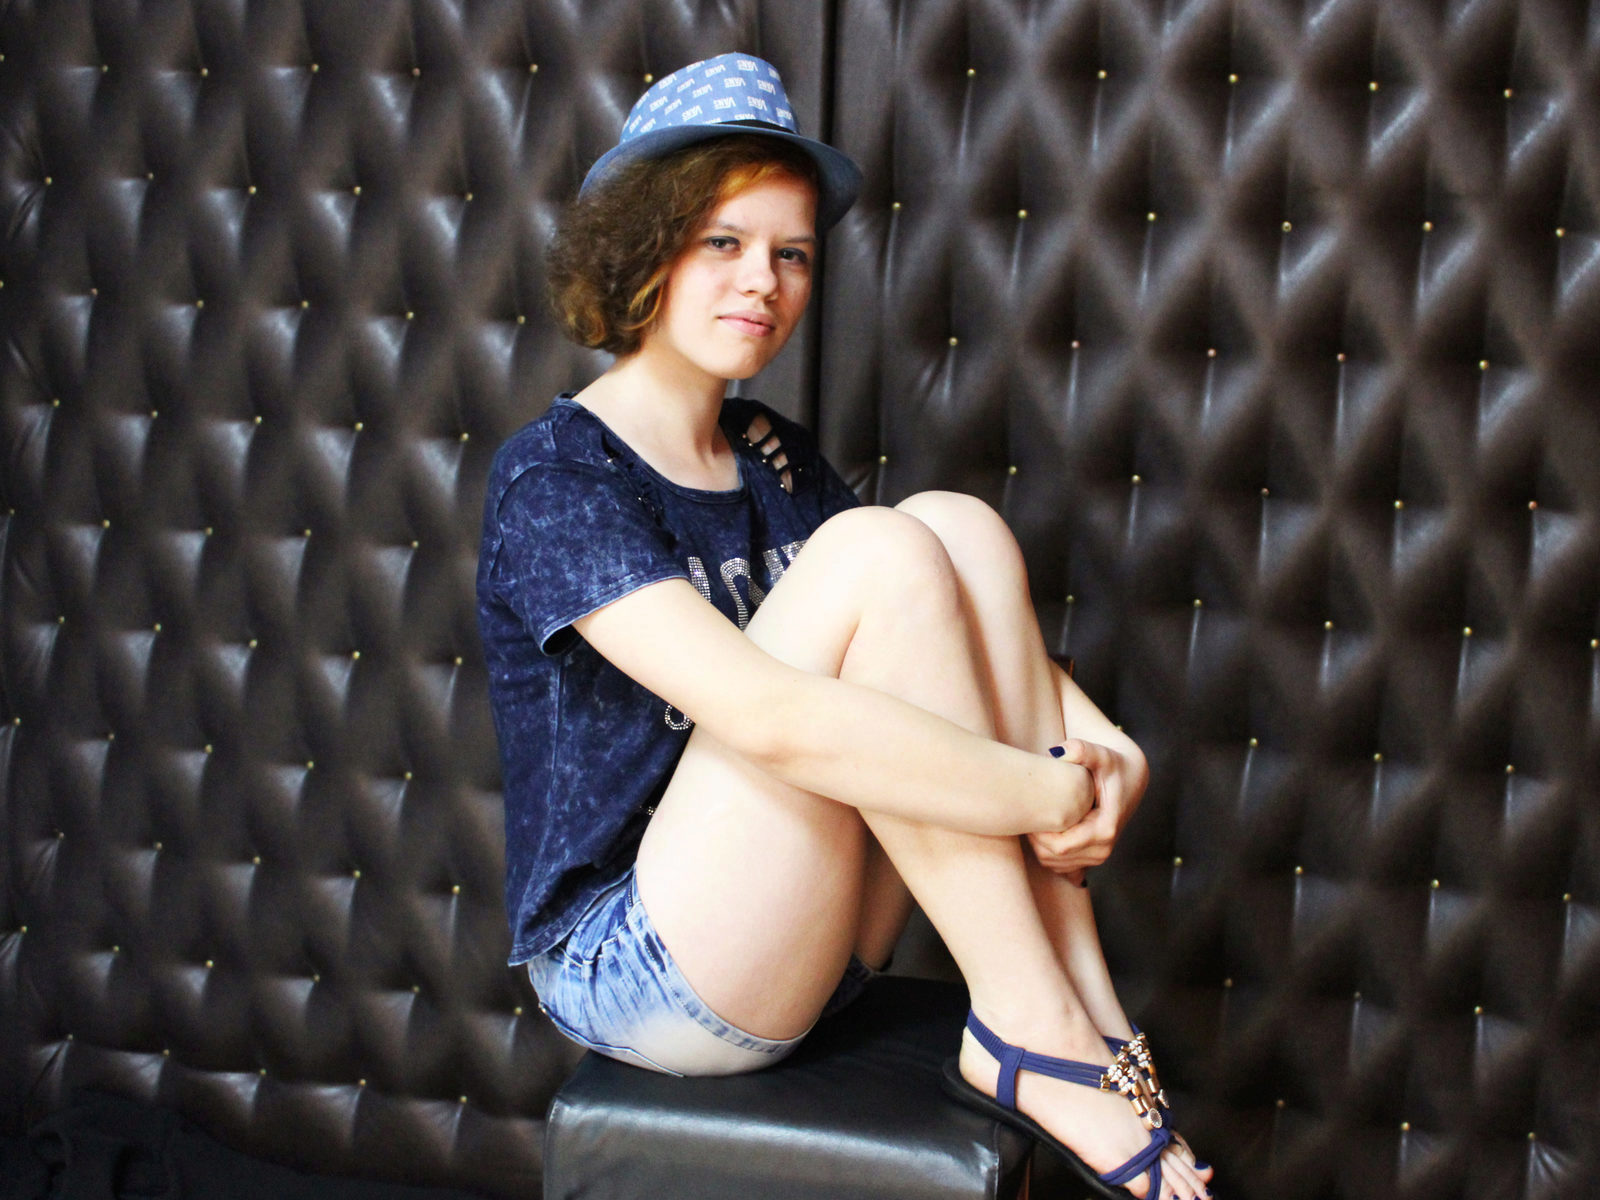 Webcam model Katrin Slower from WebPowerCam